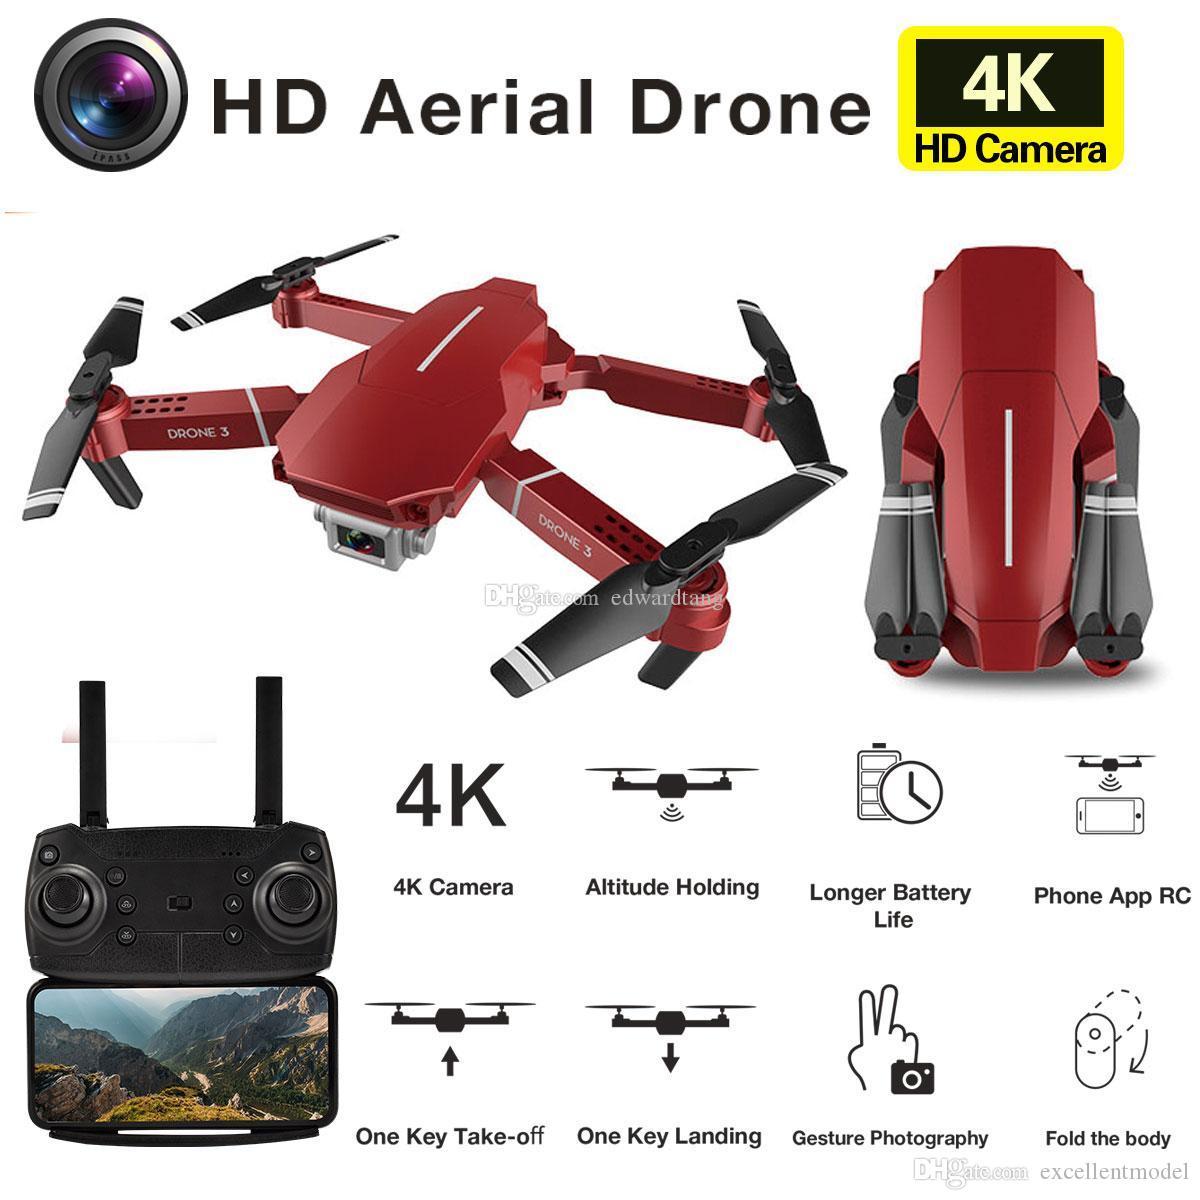 E98 4K HD-Kamera Wifi FPV-Mini-Drohspielzeug, E68-Upgrade-Version, Track-Flug, einstellbare Geschwindigkeit, Geste-Foto-Quadkopter, für Kind-Geschenk, 2-1